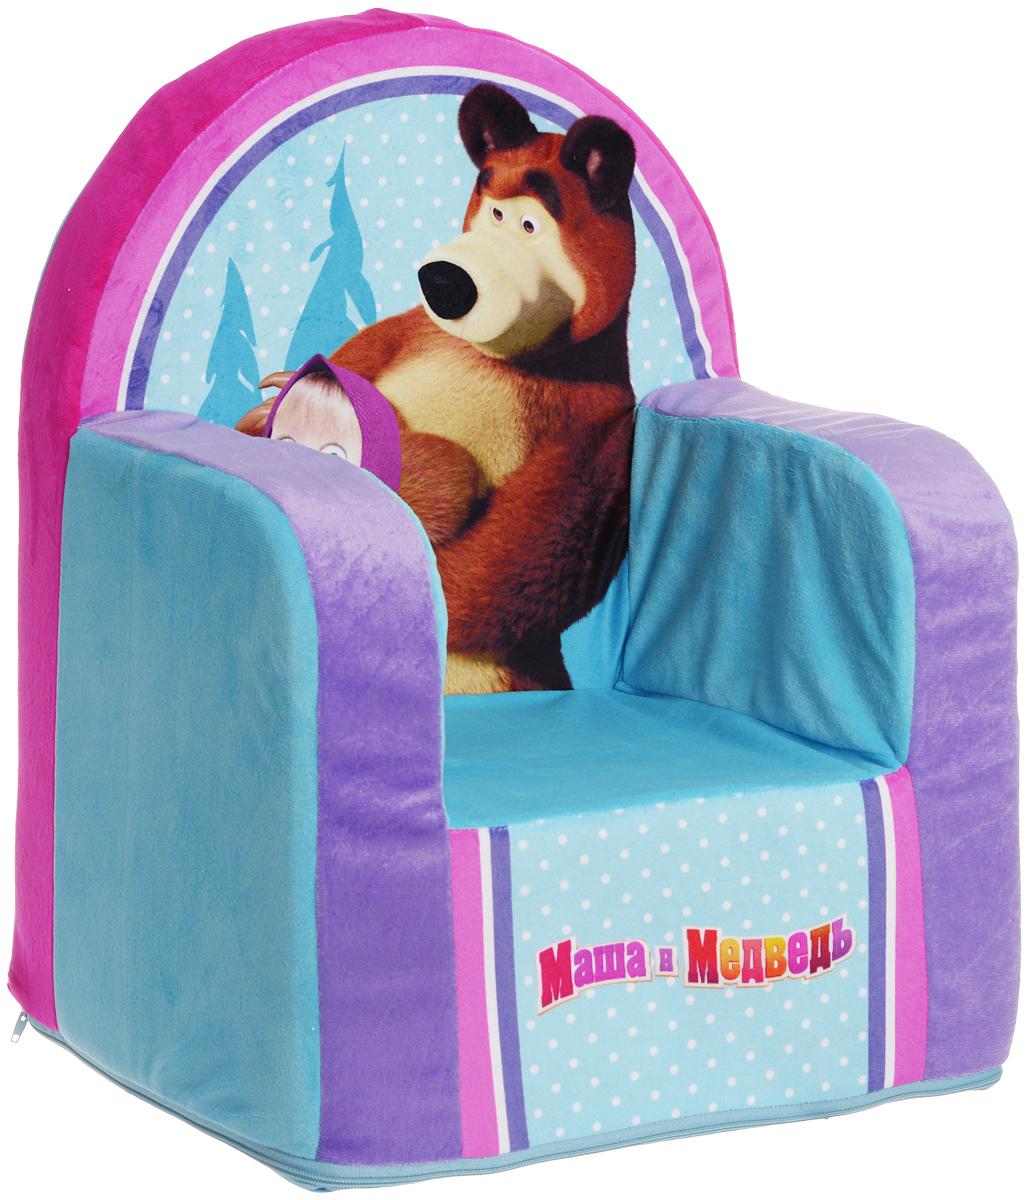 СмолТойс Мягкая игрушка Кресло Маша и Медведь цвет голубой 54 см смолтойс мягкое кресло скругленное маша и медведь смолтойс розовый